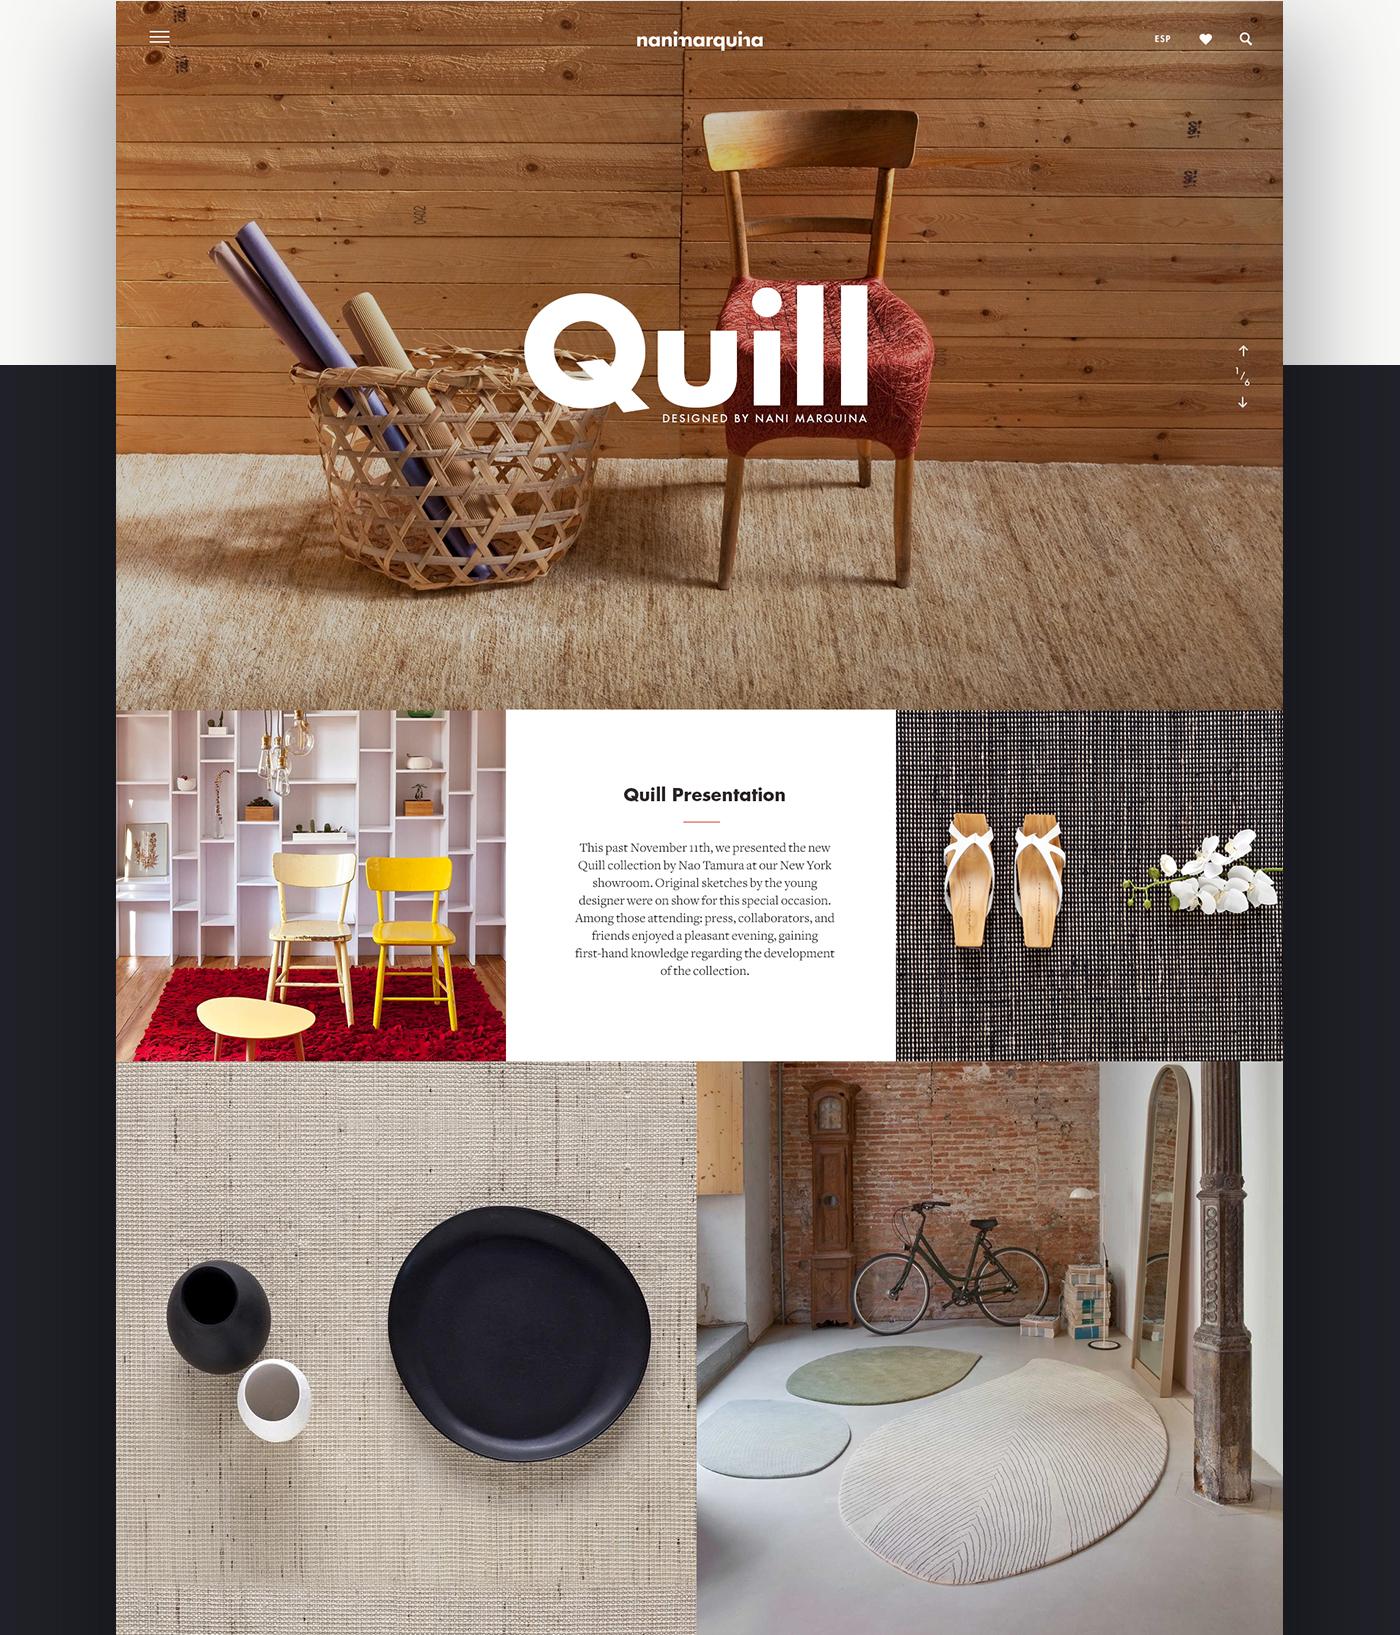 用户体验 网站优化 网页设计 网站设计